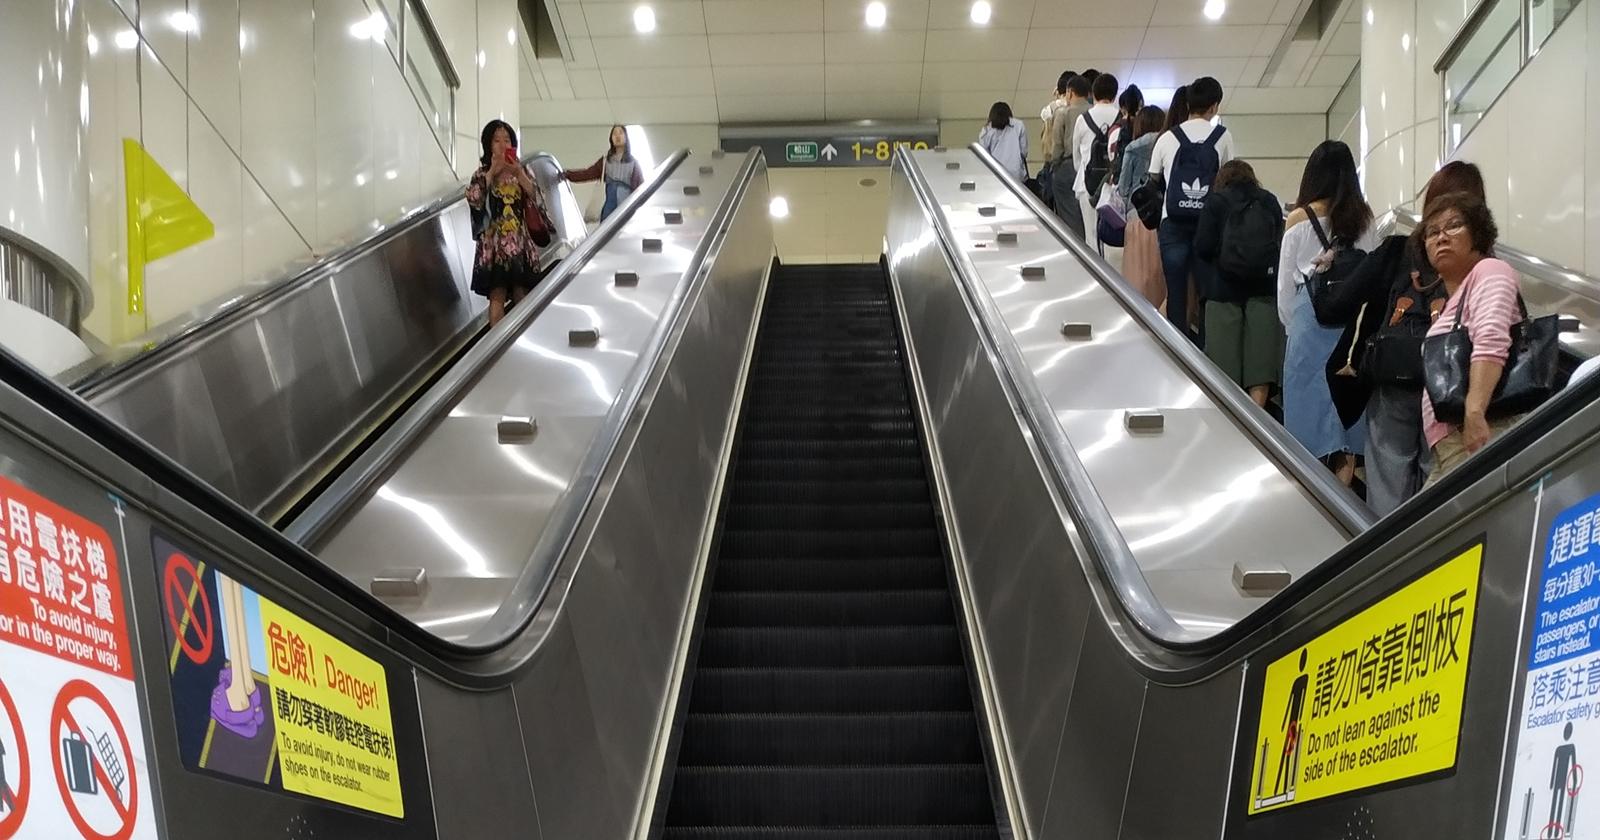 電扶梯靠右站立到底會不會影響機械壽命?北捷:不會